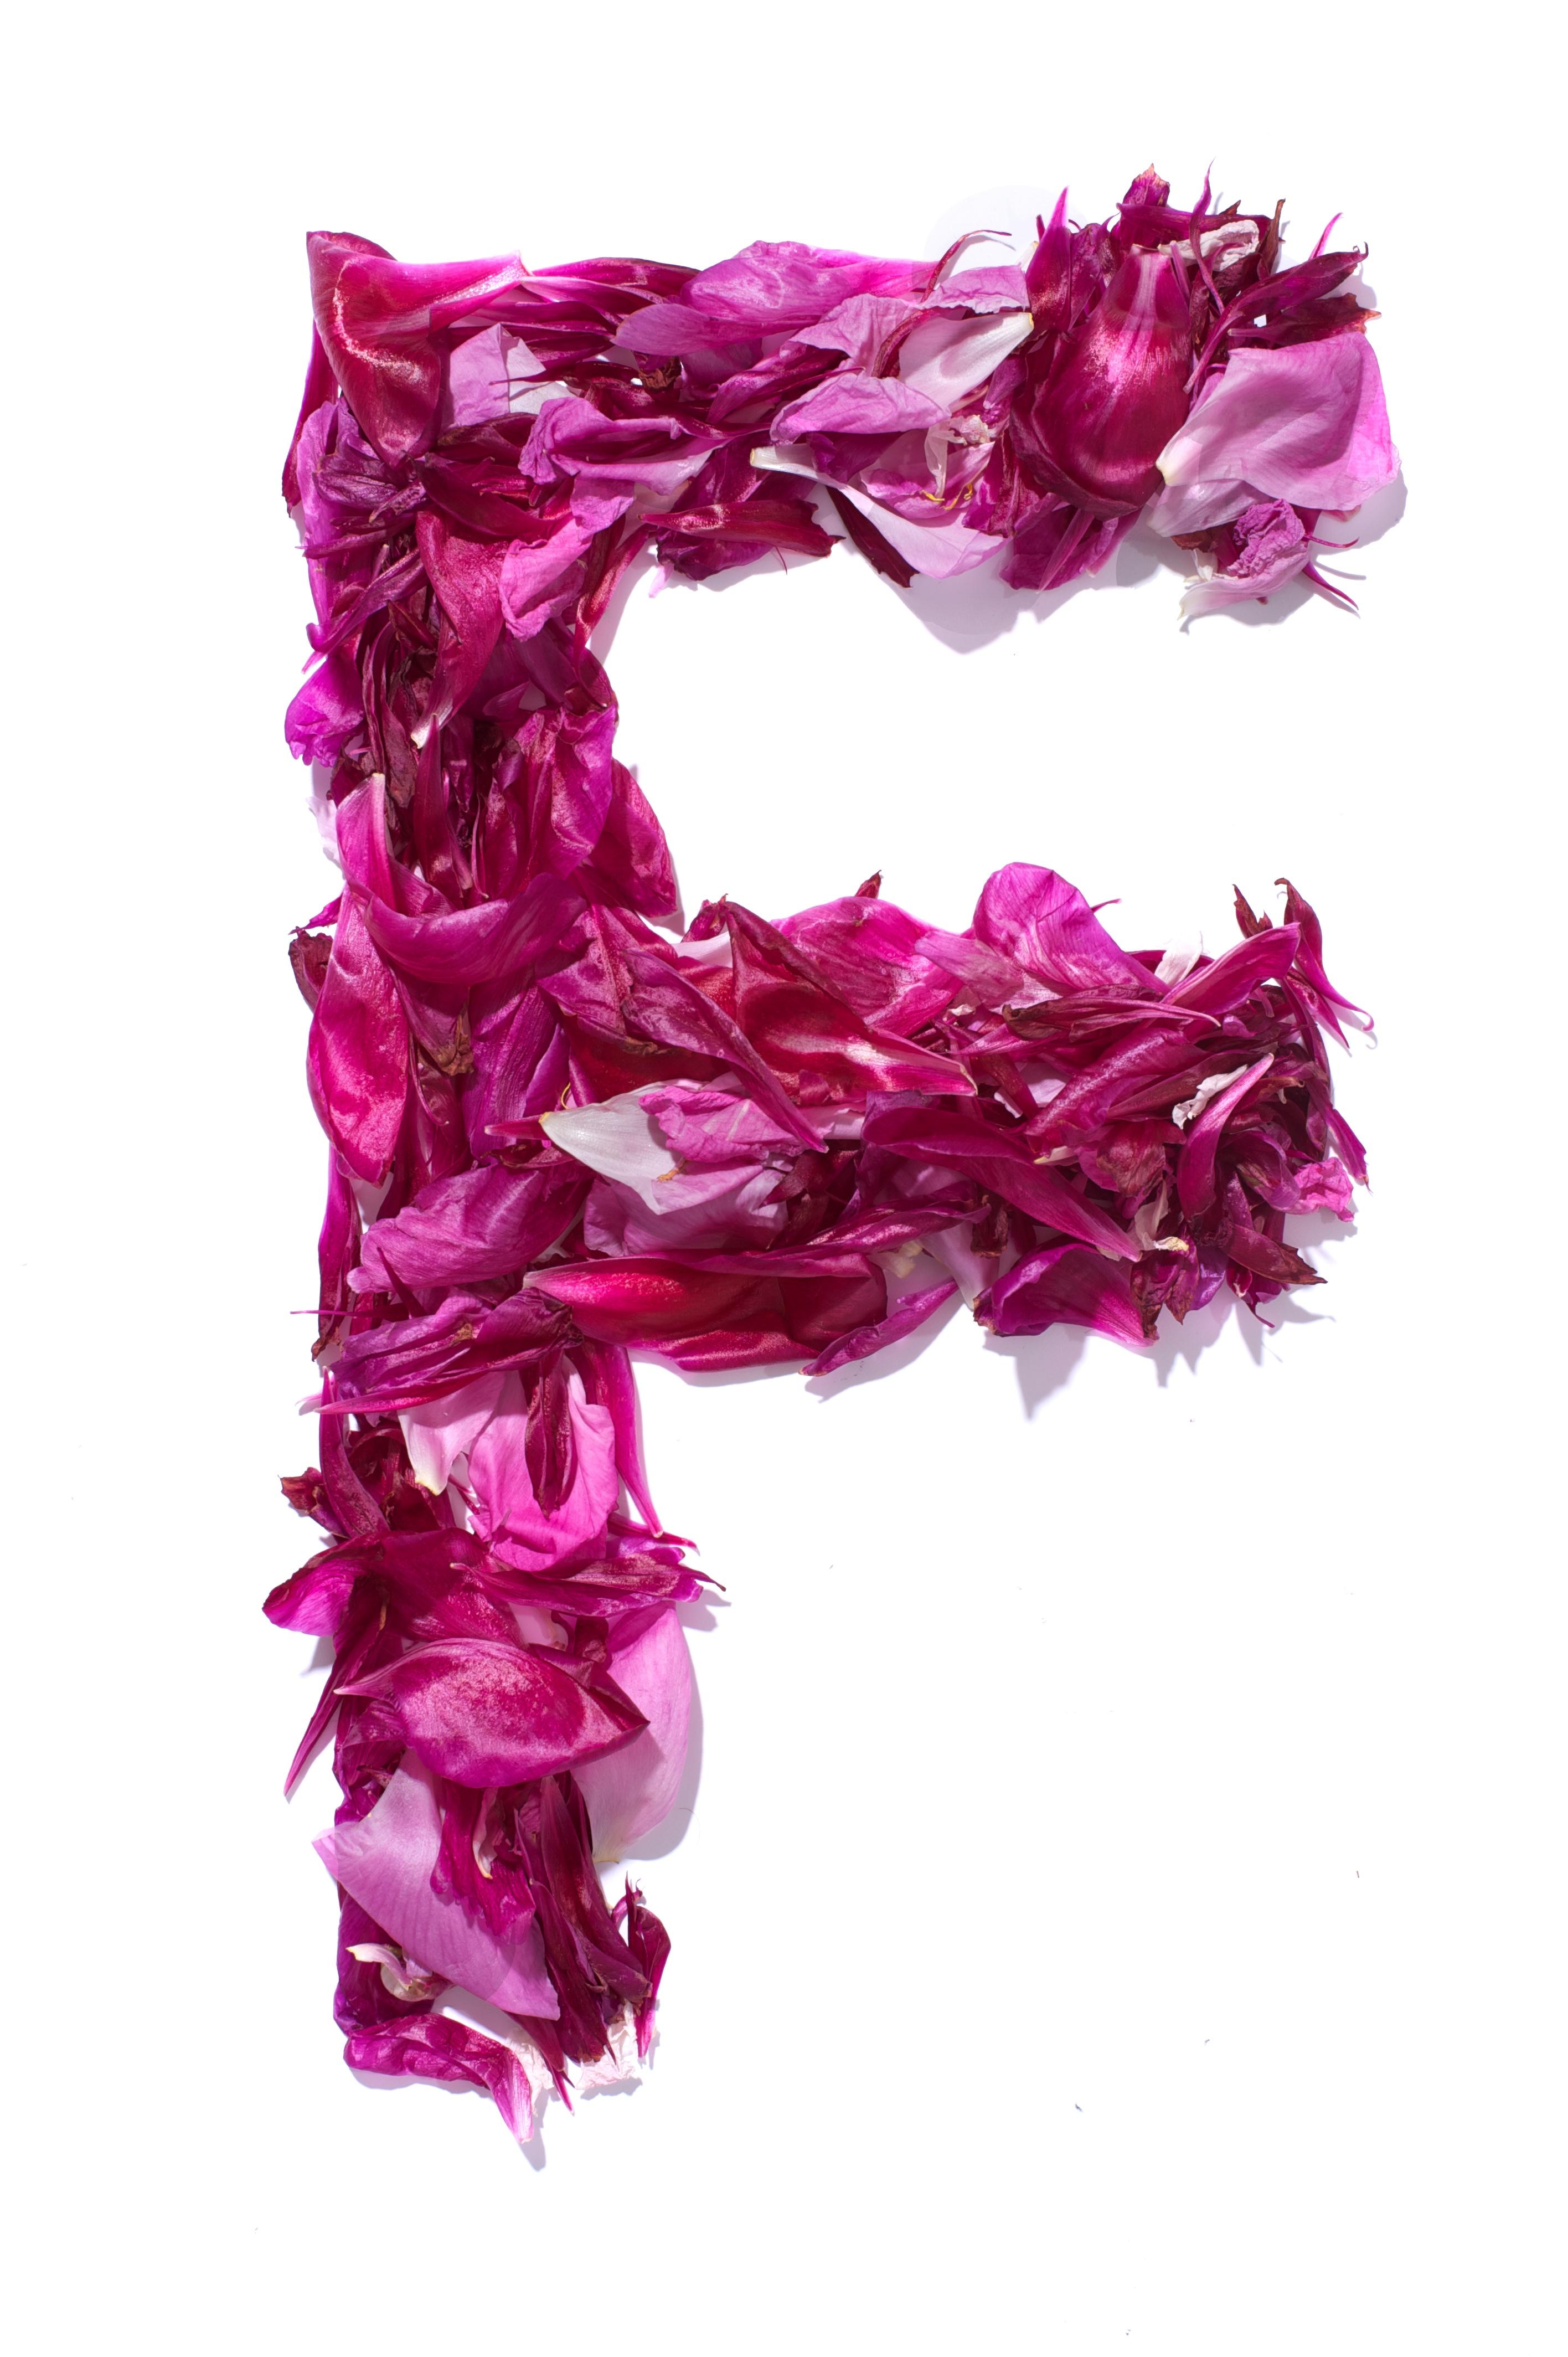 File:Flower Alphabet - F.jpg - Wikimedia Commons